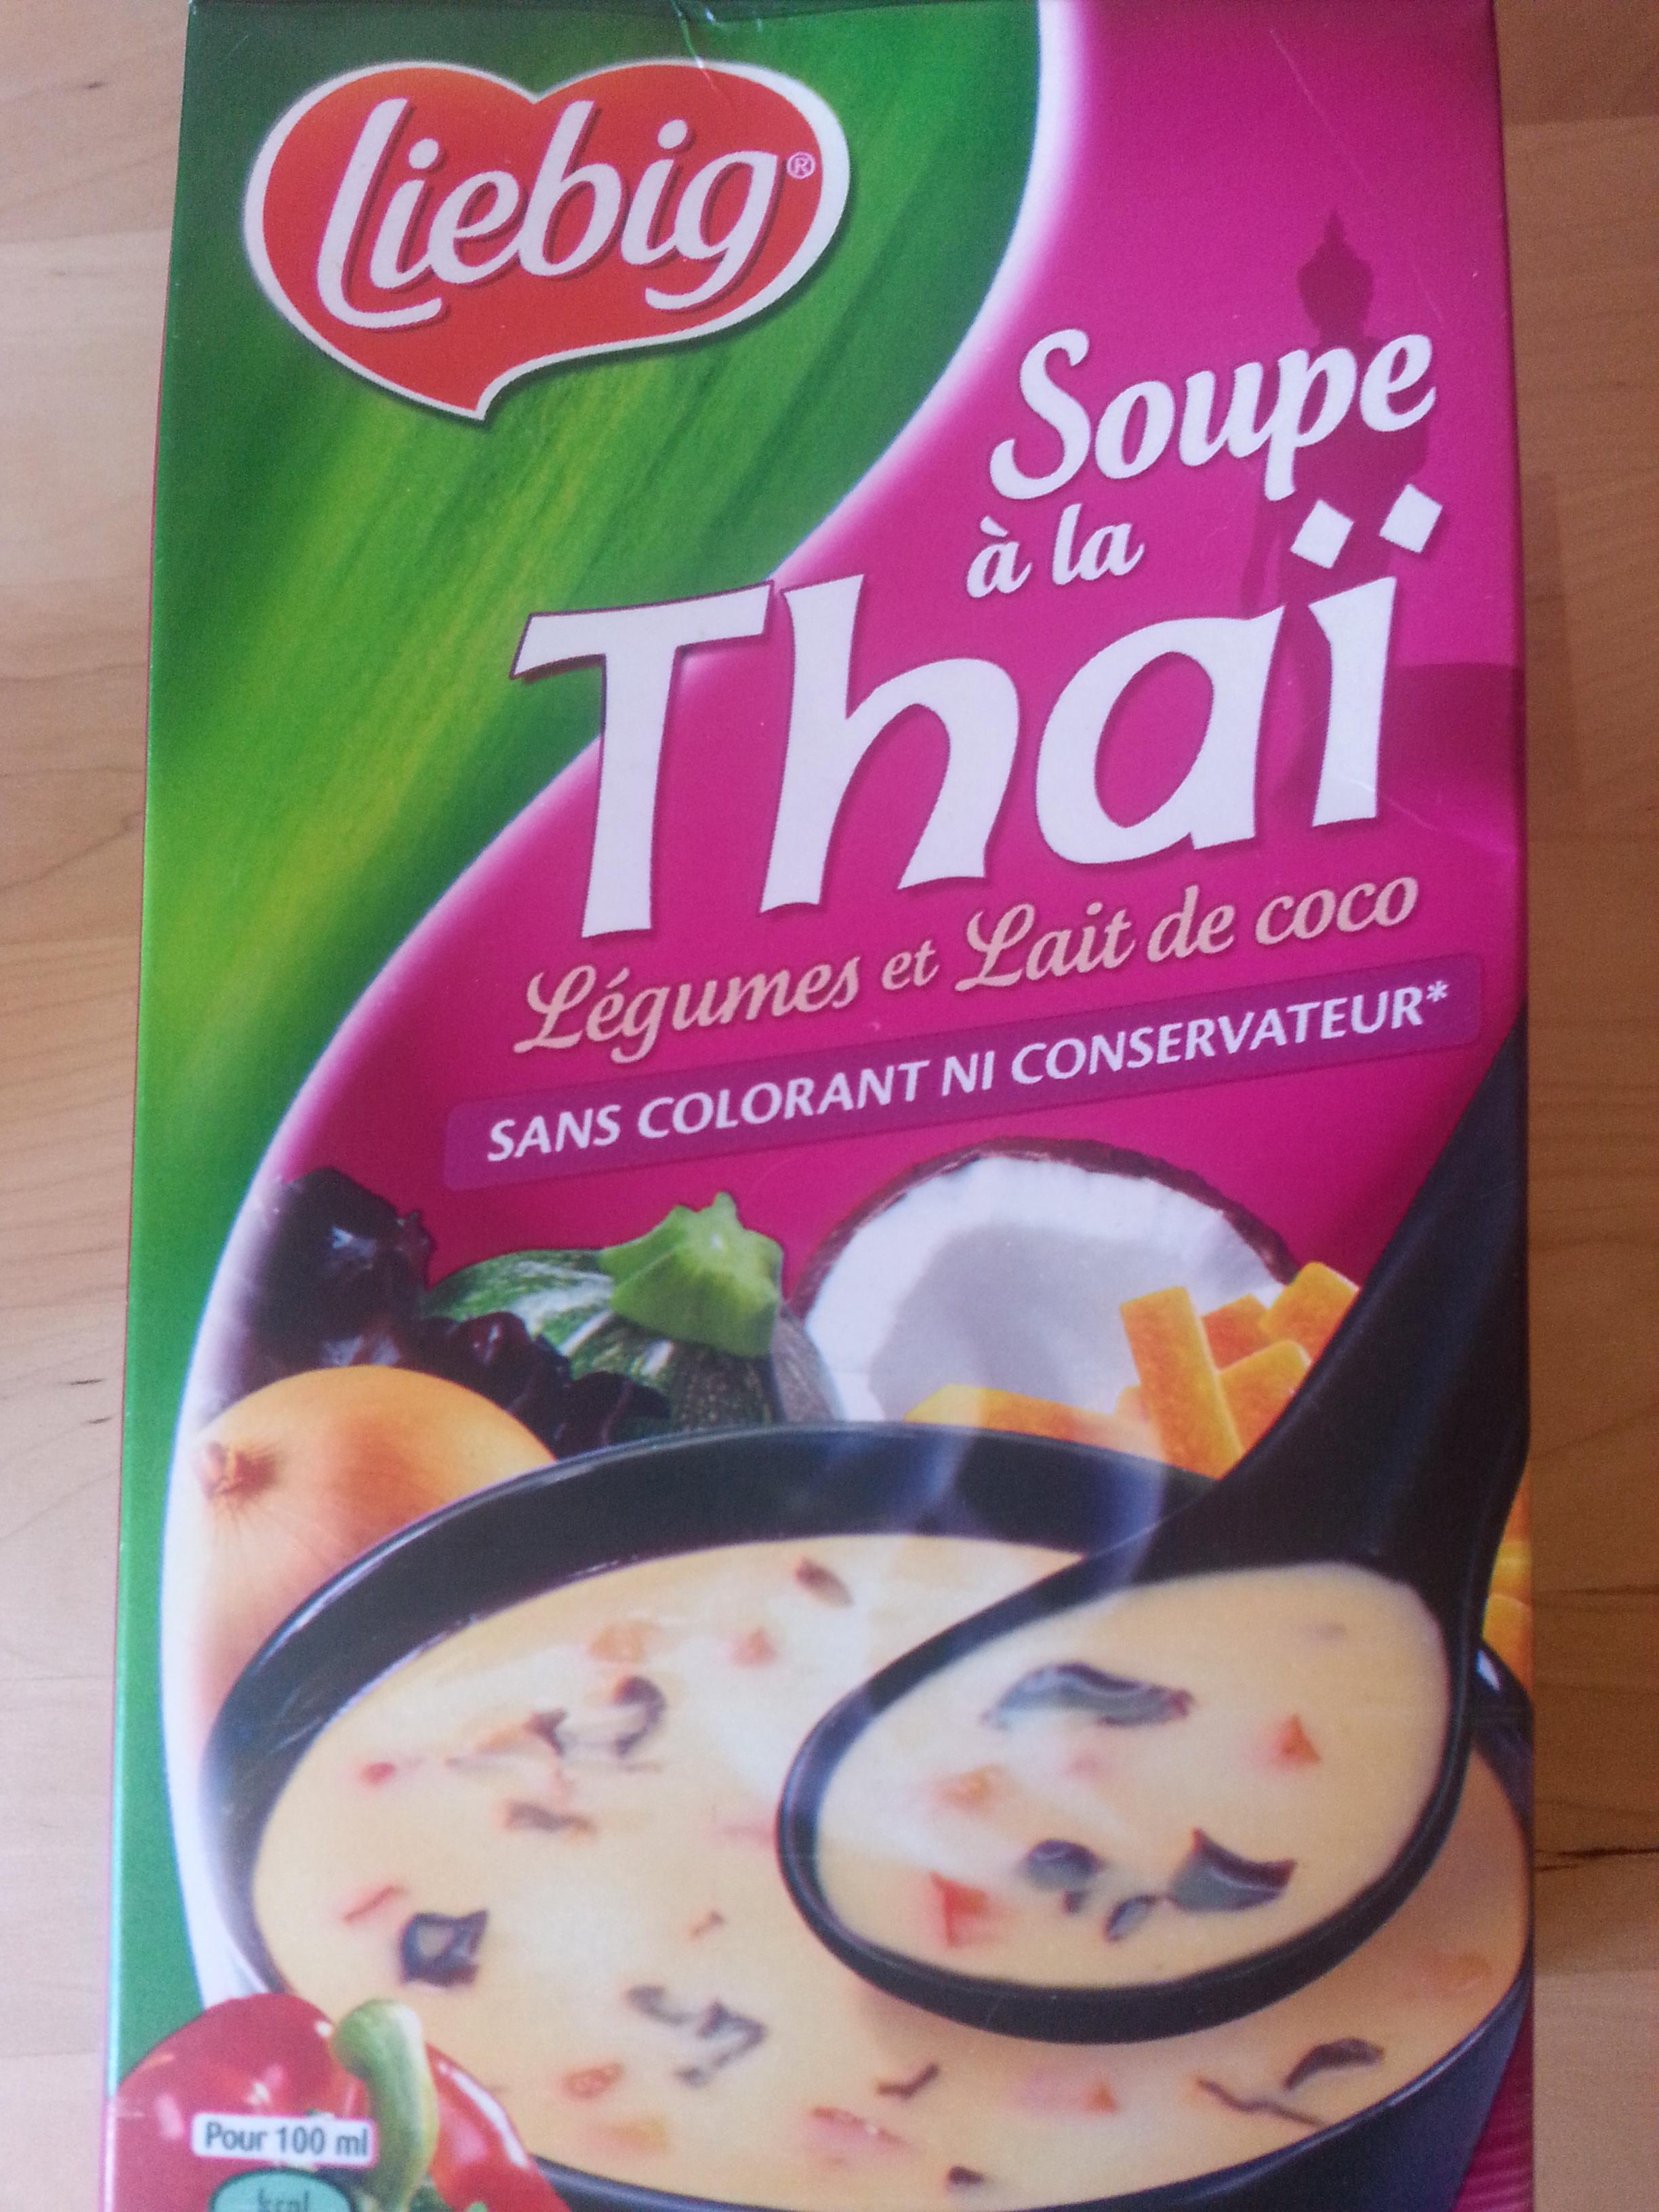 Soupe à la thaï, légumes et lait de coco - Produit - fr